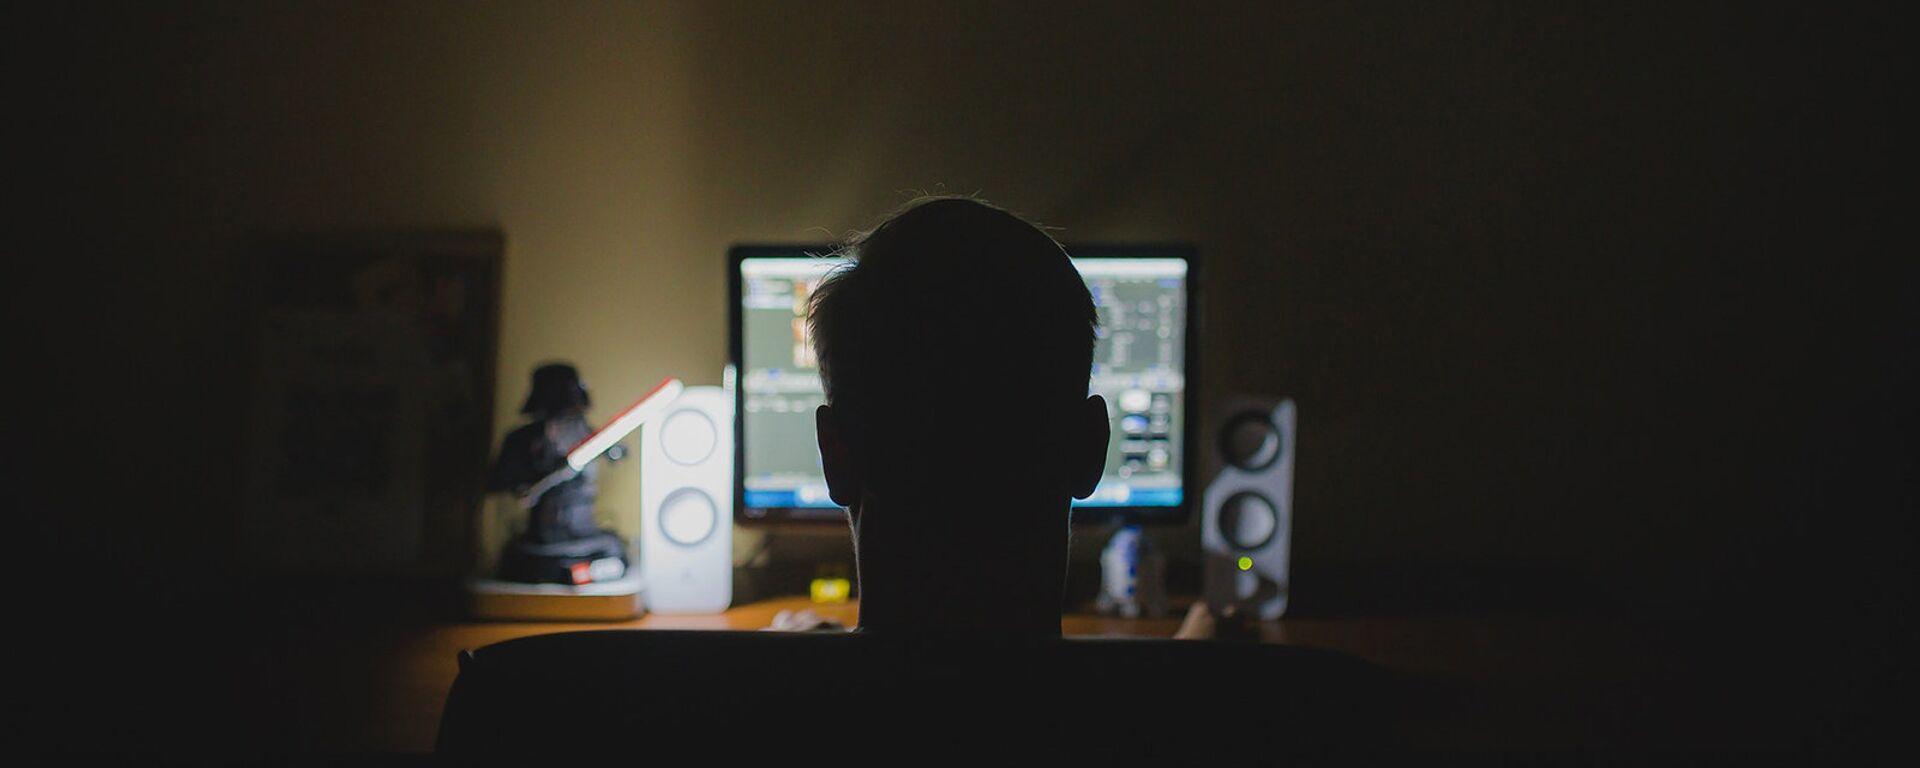 Молодой человек перед компьютером - Sputnik Արմենիա, 1920, 16.07.2021